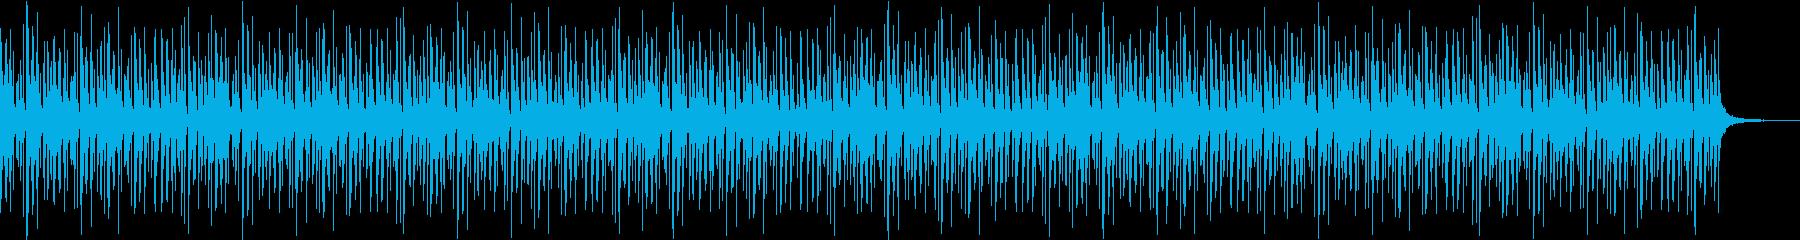 ストリングピッチカートの楽しいループ曲の再生済みの波形